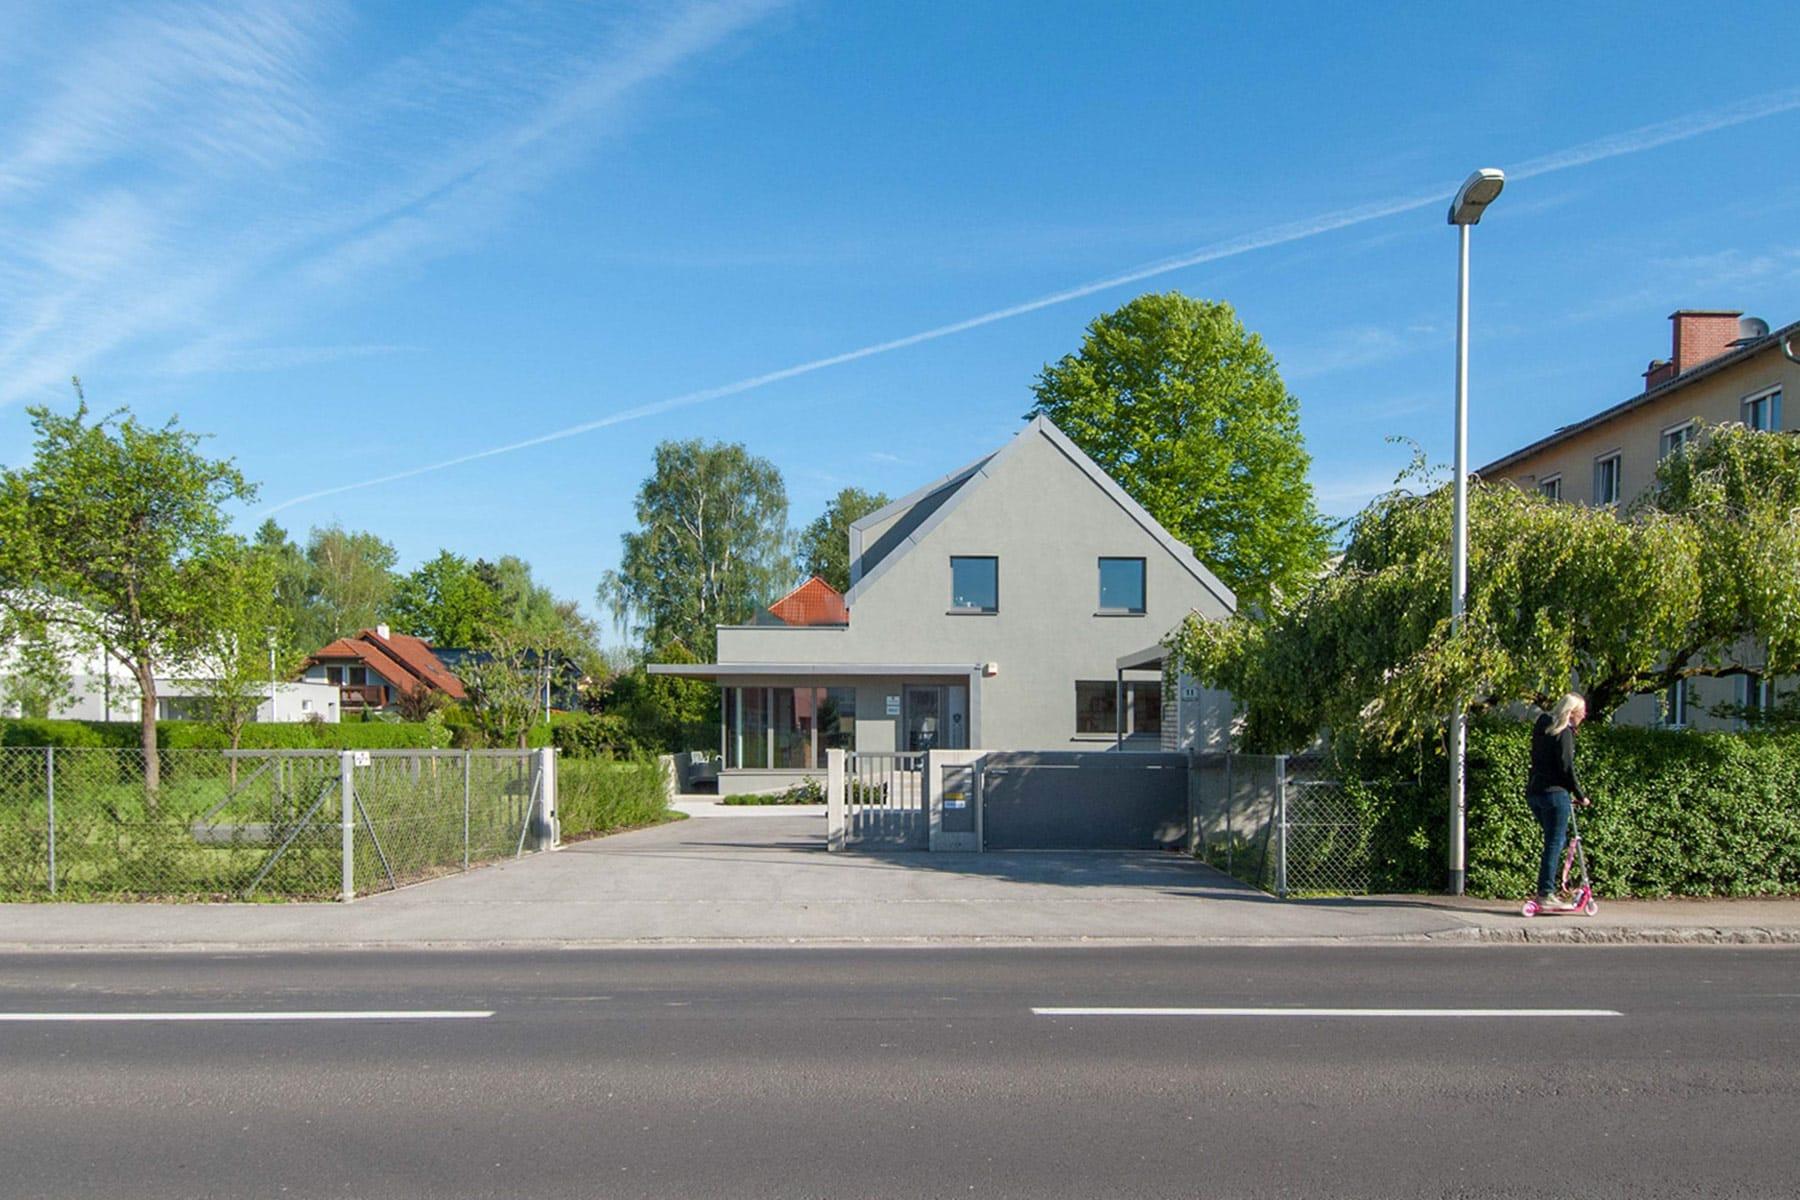 zufahrt, Umbau in Pasching; architekt; haus; modern; architektur; pasching; zubau; büroerweiterung; wohnung